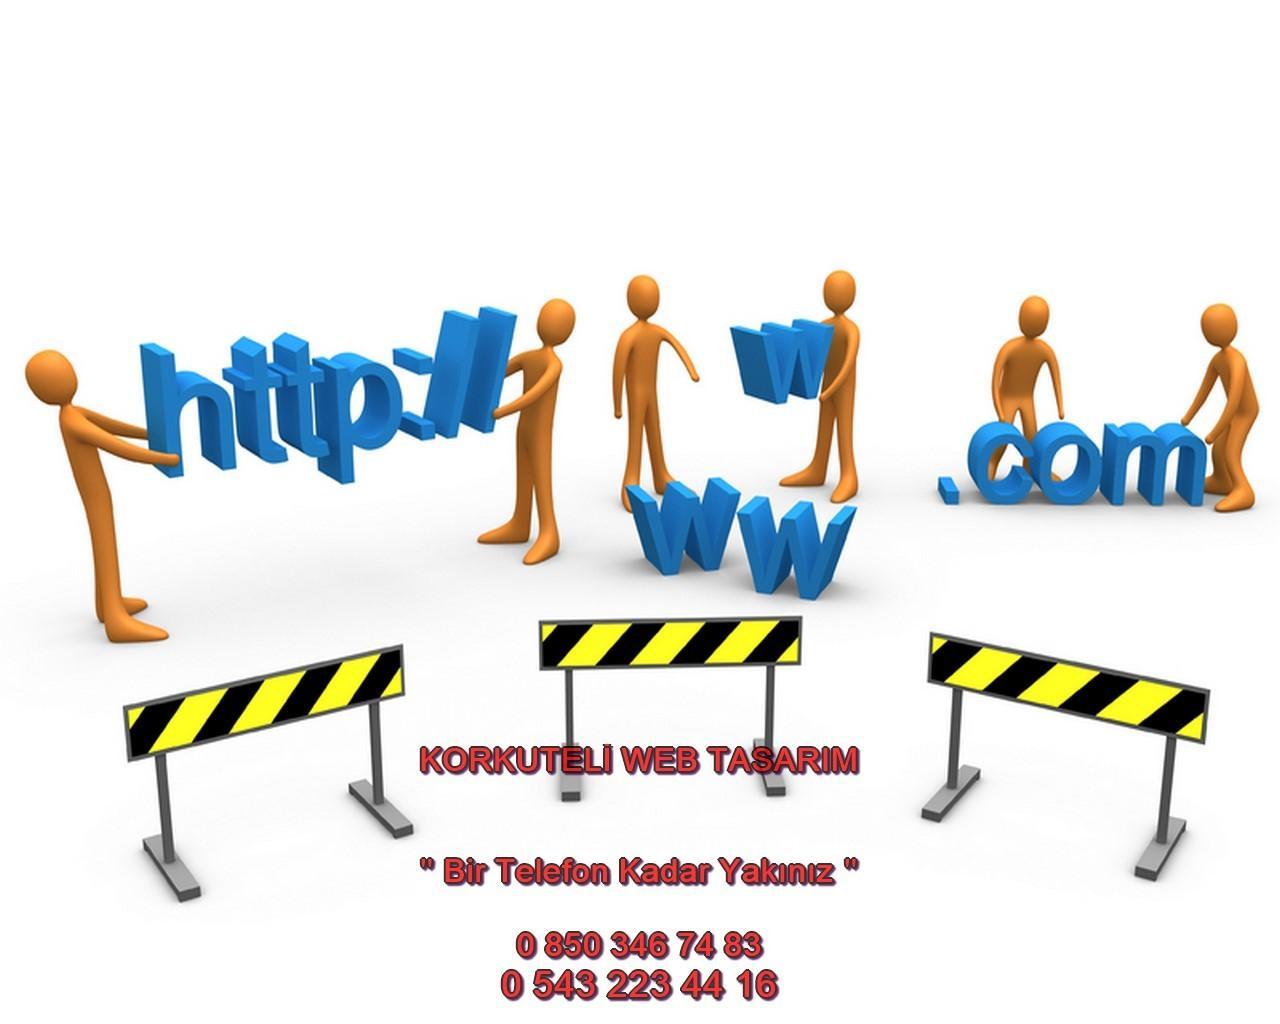 Korkuteli Web Tasarım